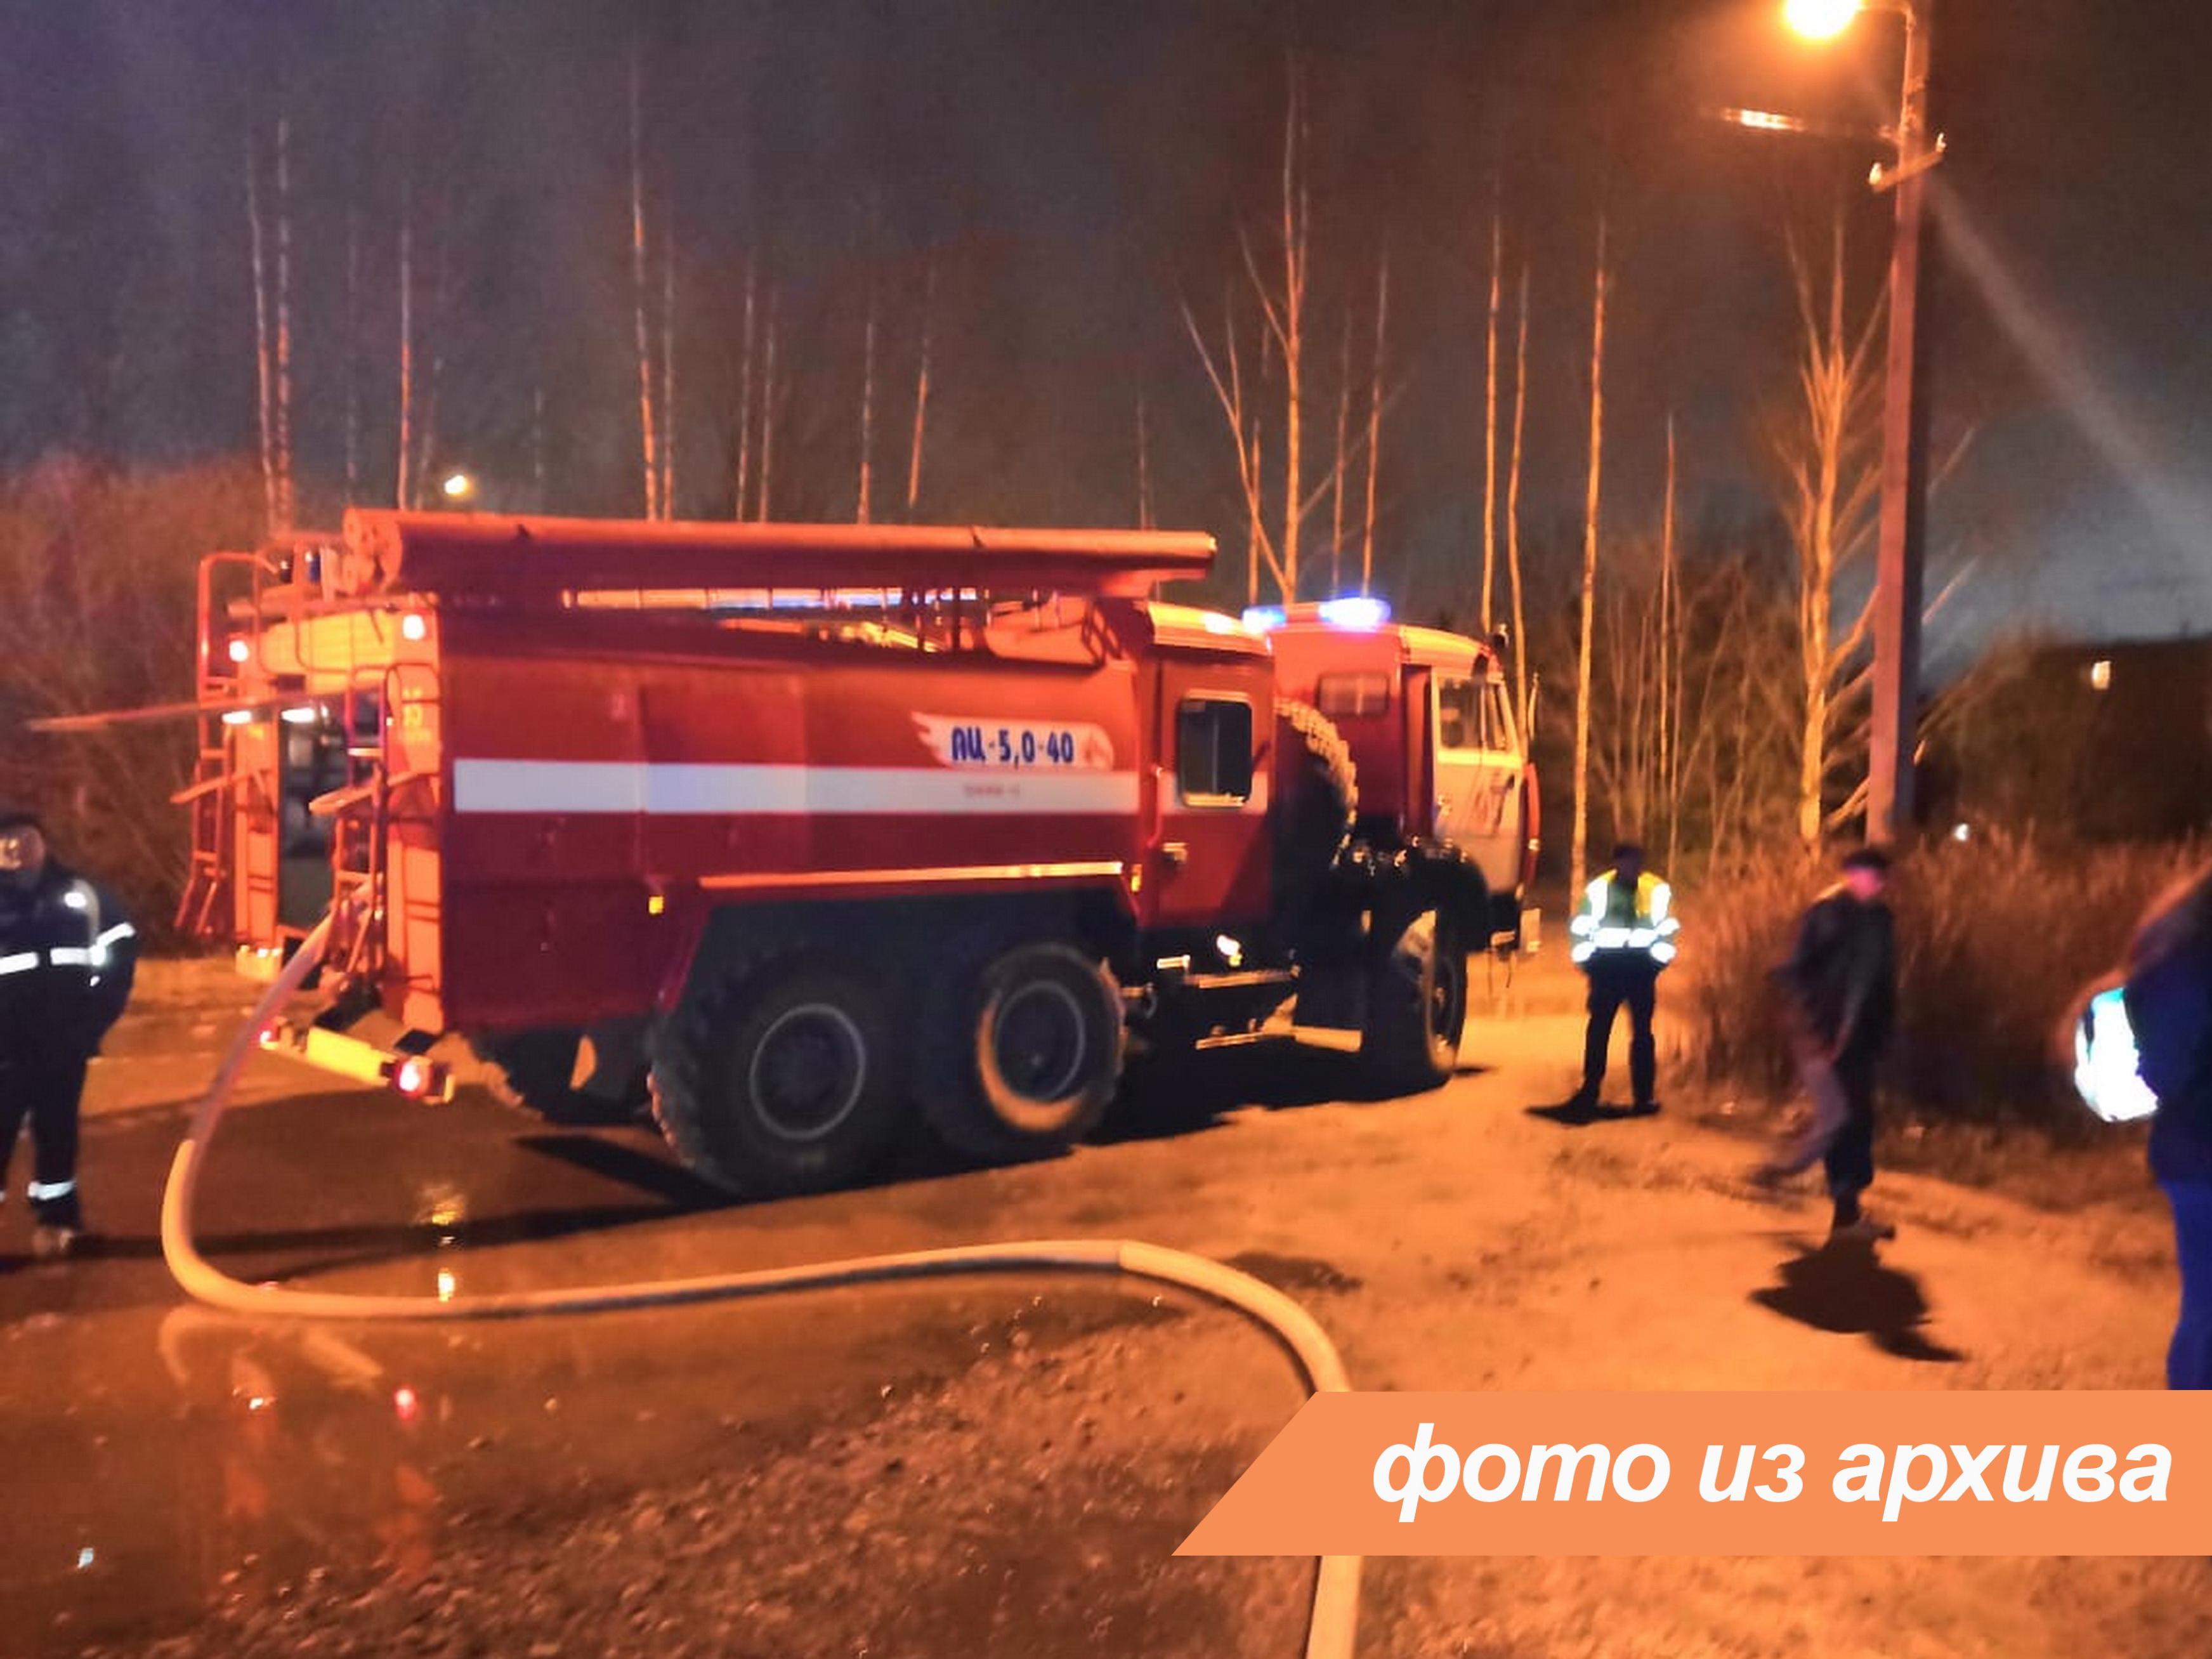 Пожарно-спасательное подразделение Ленинградской области ликвидировало пожар в Кировском районе